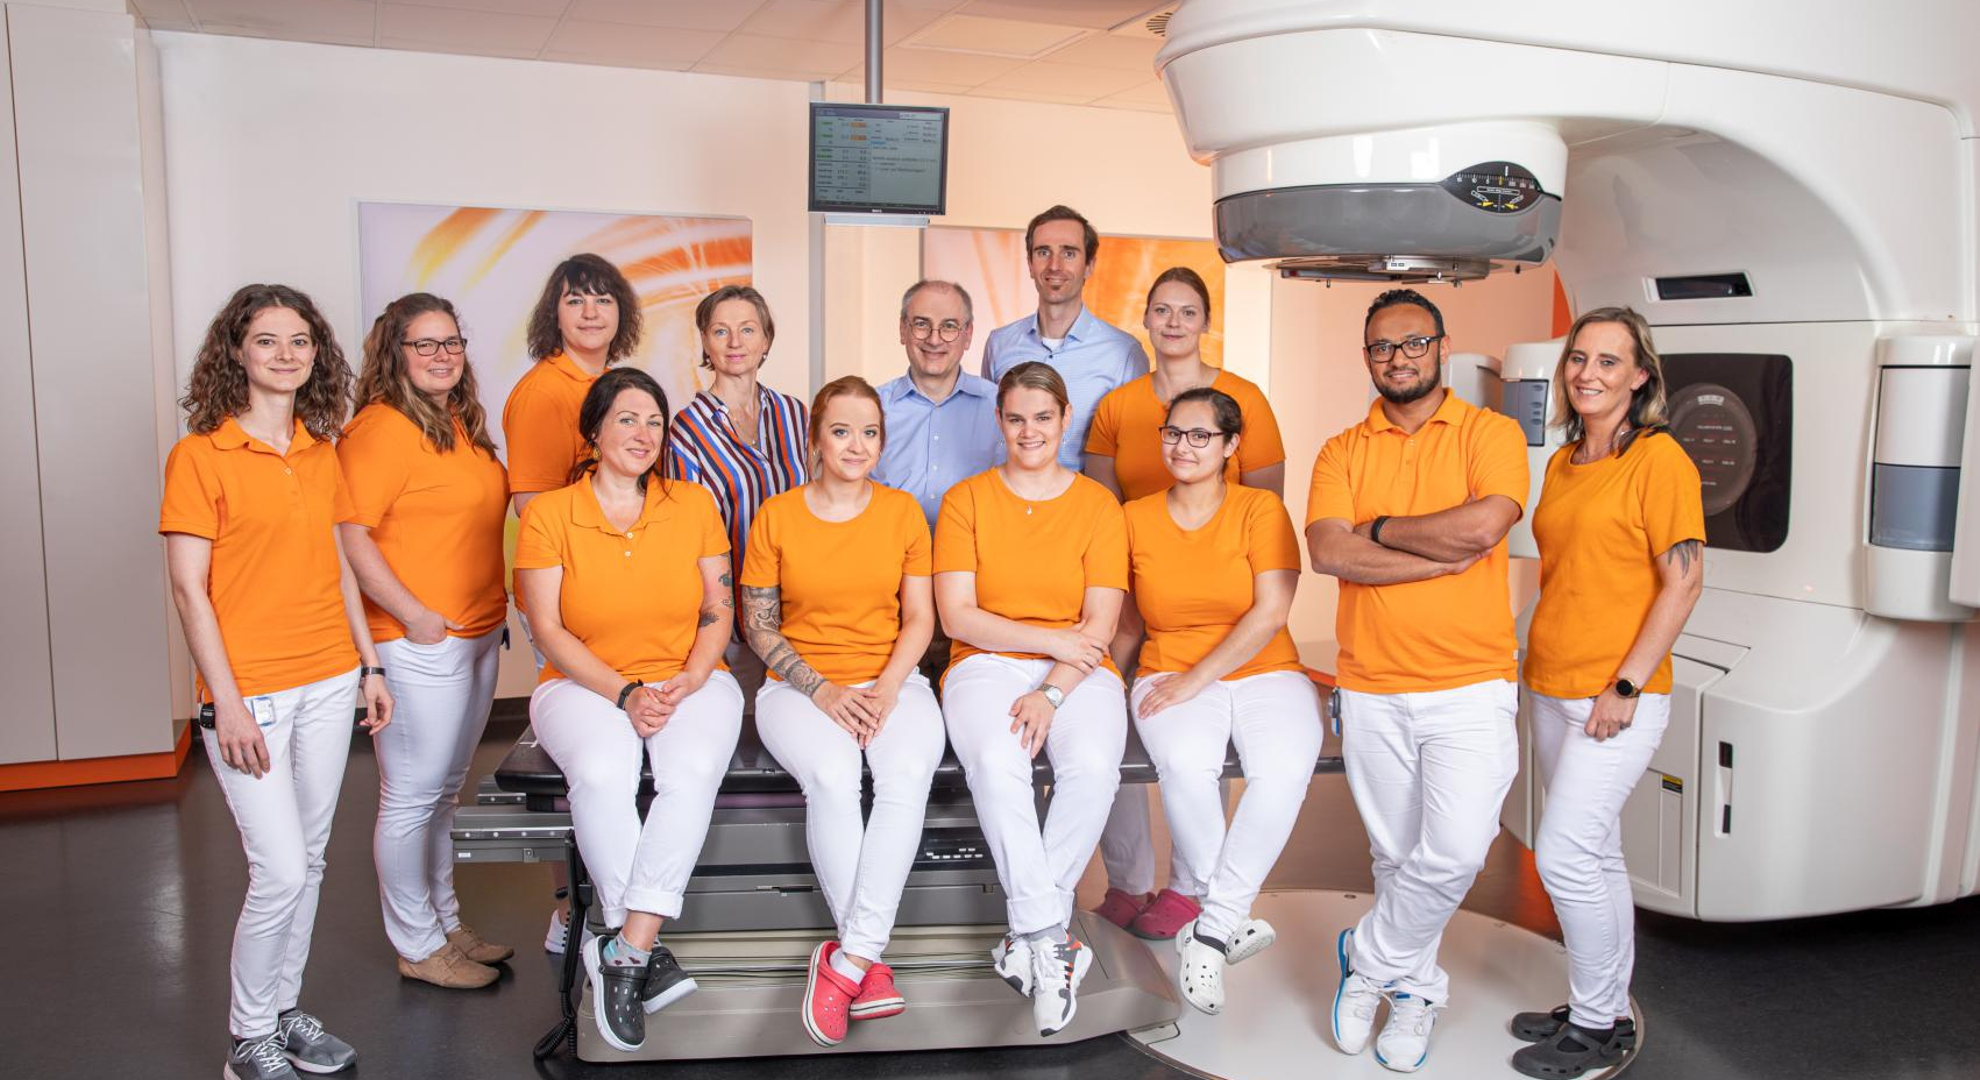 Team - Strahlentherapie Rems-Murr